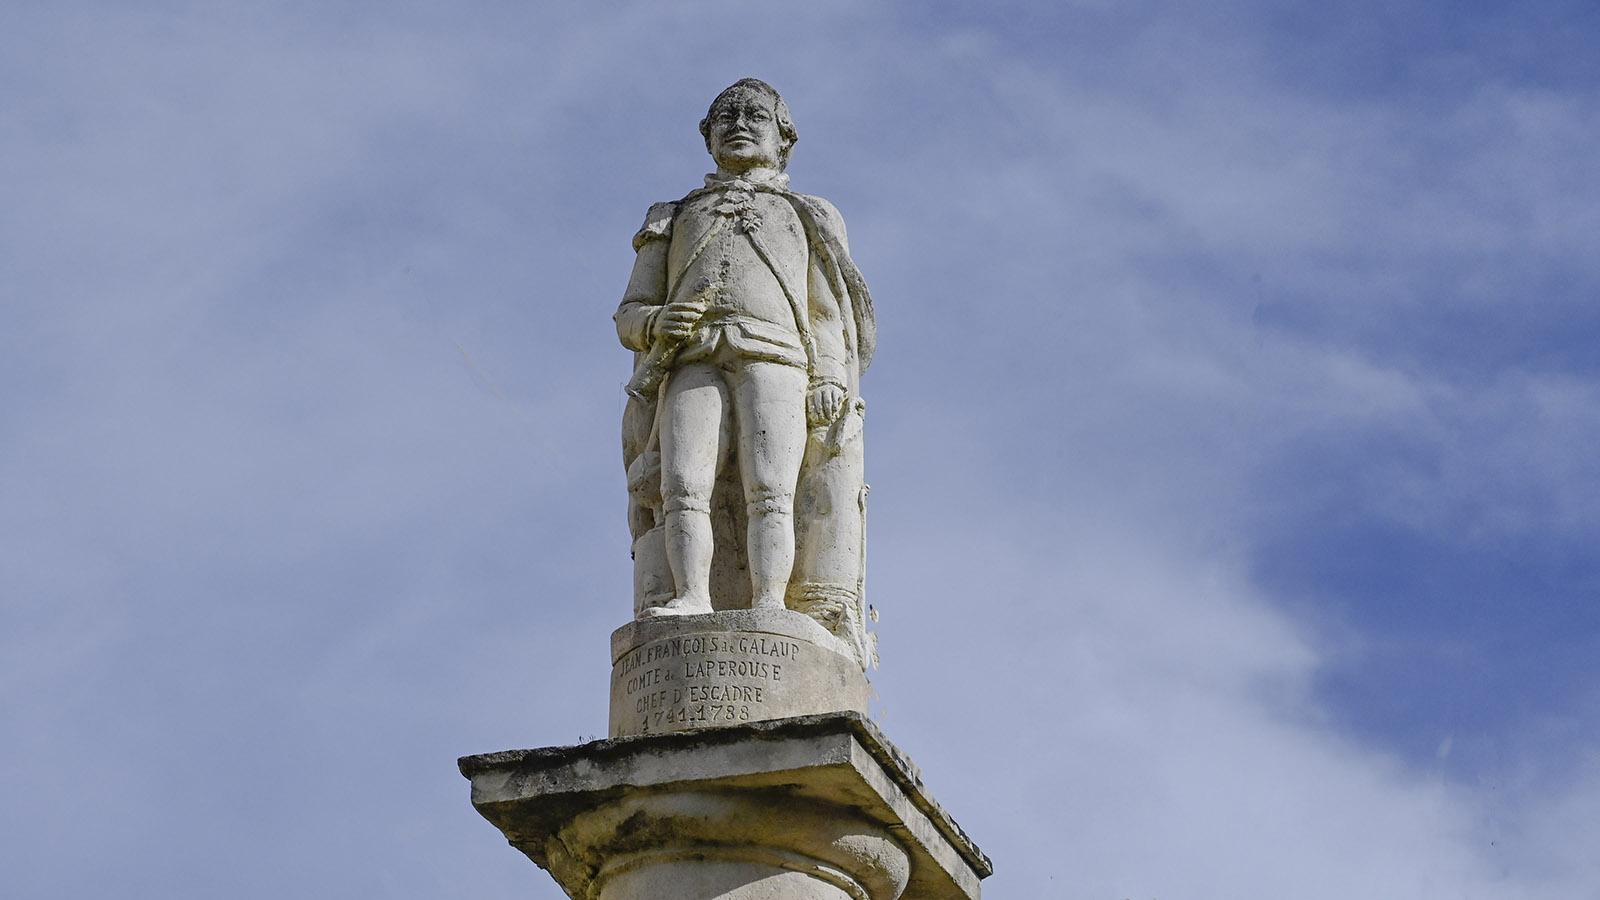 In Lisle-sur-Tarn erinnert eine Skulptur an den einstigen Kapitän Jean François de Galaup, comte de La Pérouse. Hinter dem Denkmal führt eine Gasse steil hinab zum einstigen Hafen. Foto: Hilke Maunder